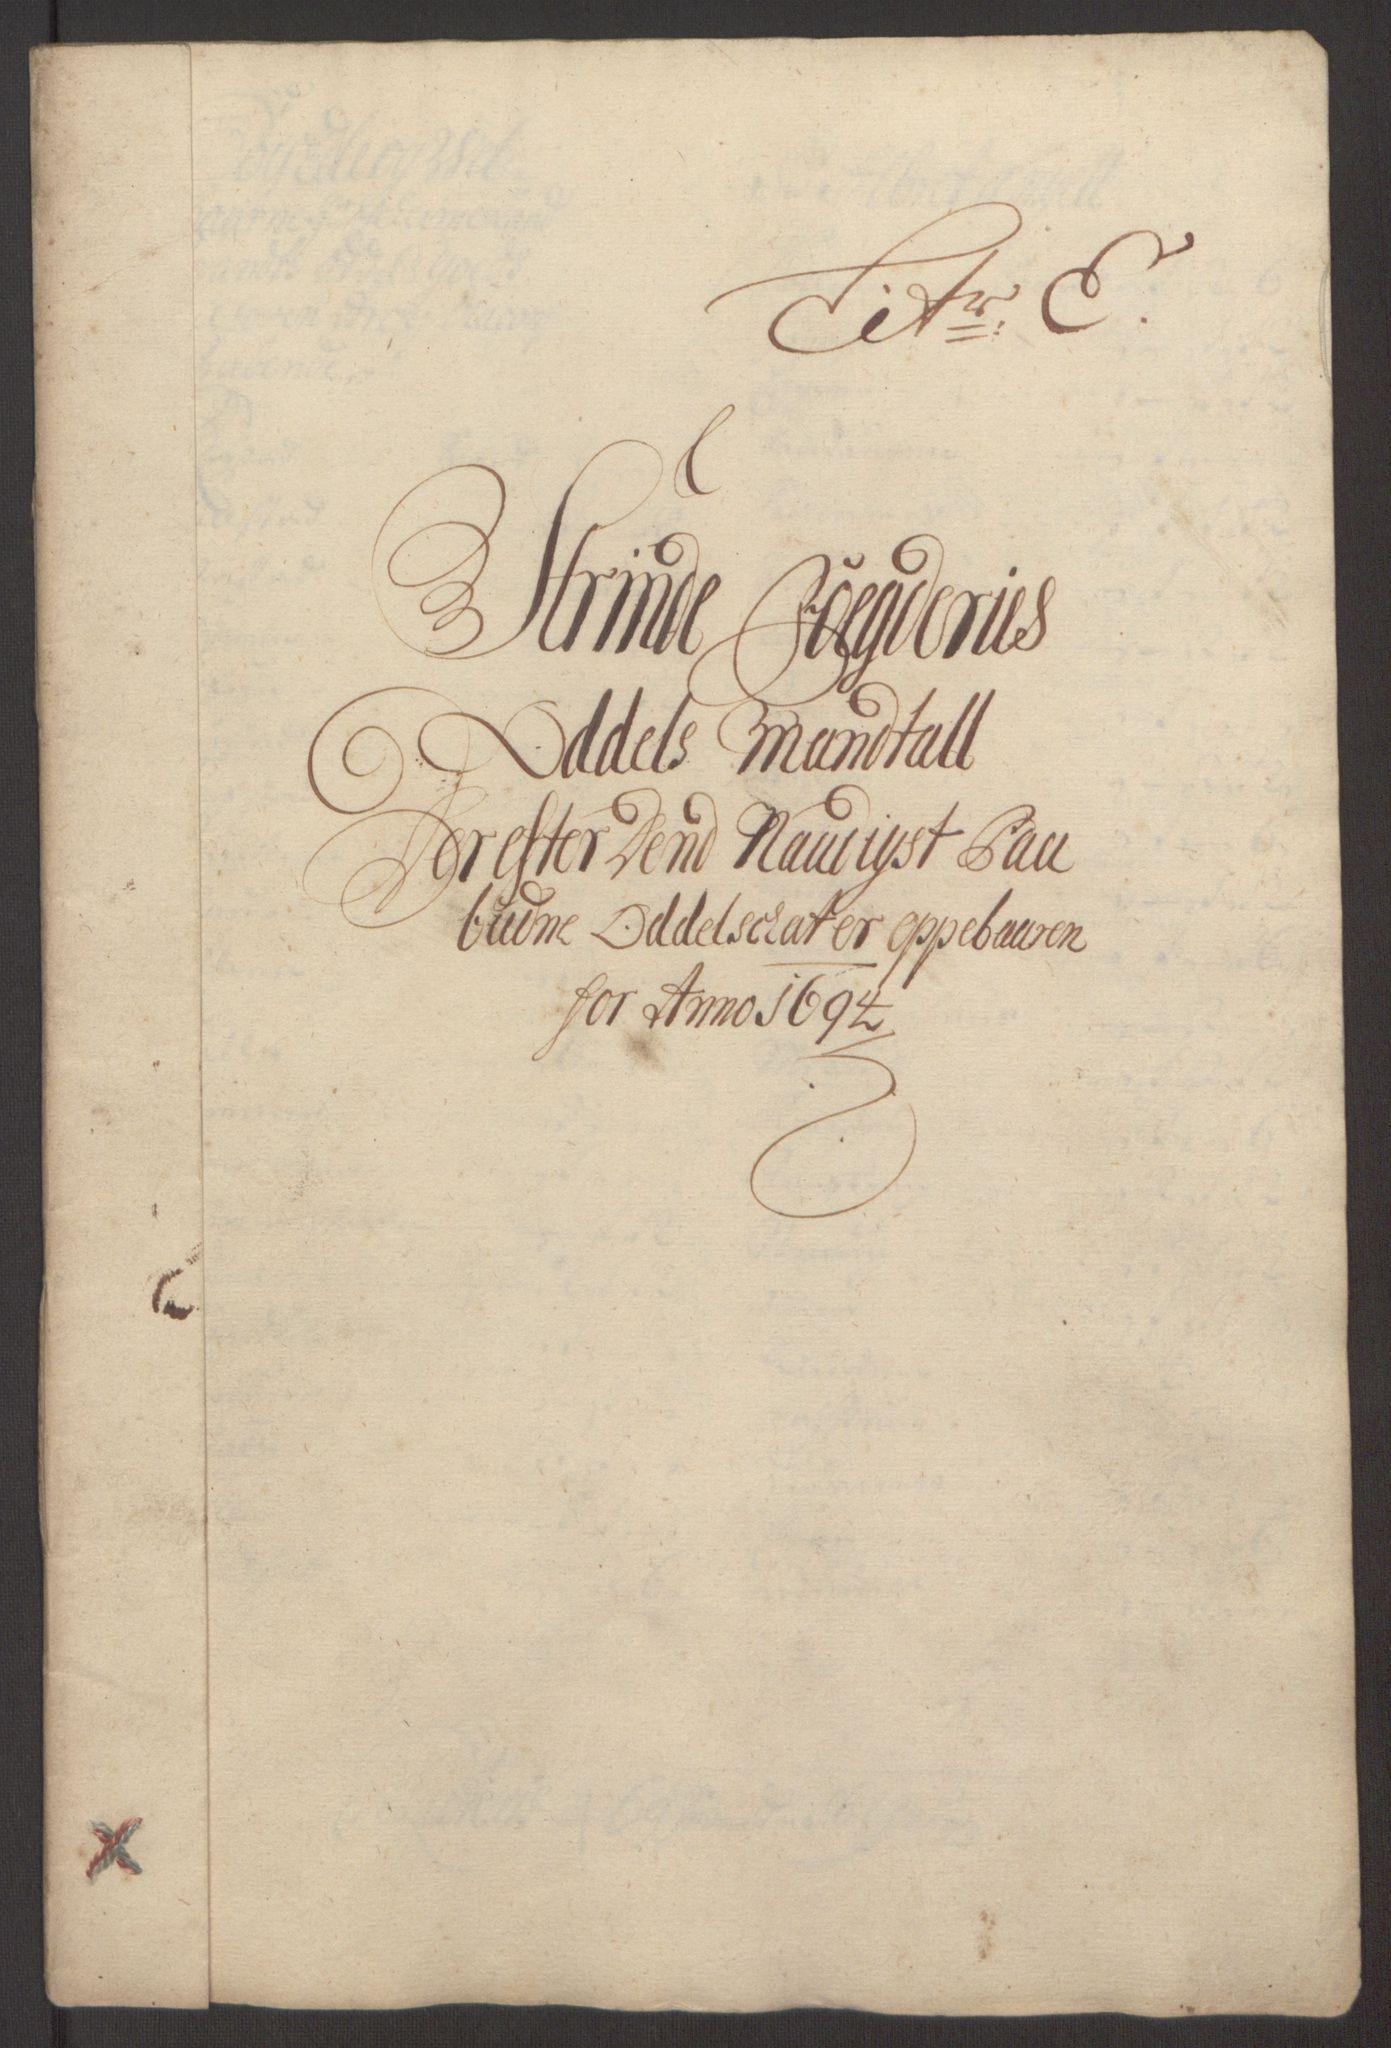 RA, Rentekammeret inntil 1814, Reviderte regnskaper, Fogderegnskap, R61/L4104: Fogderegnskap Strinda og Selbu, 1693-1694, s. 221